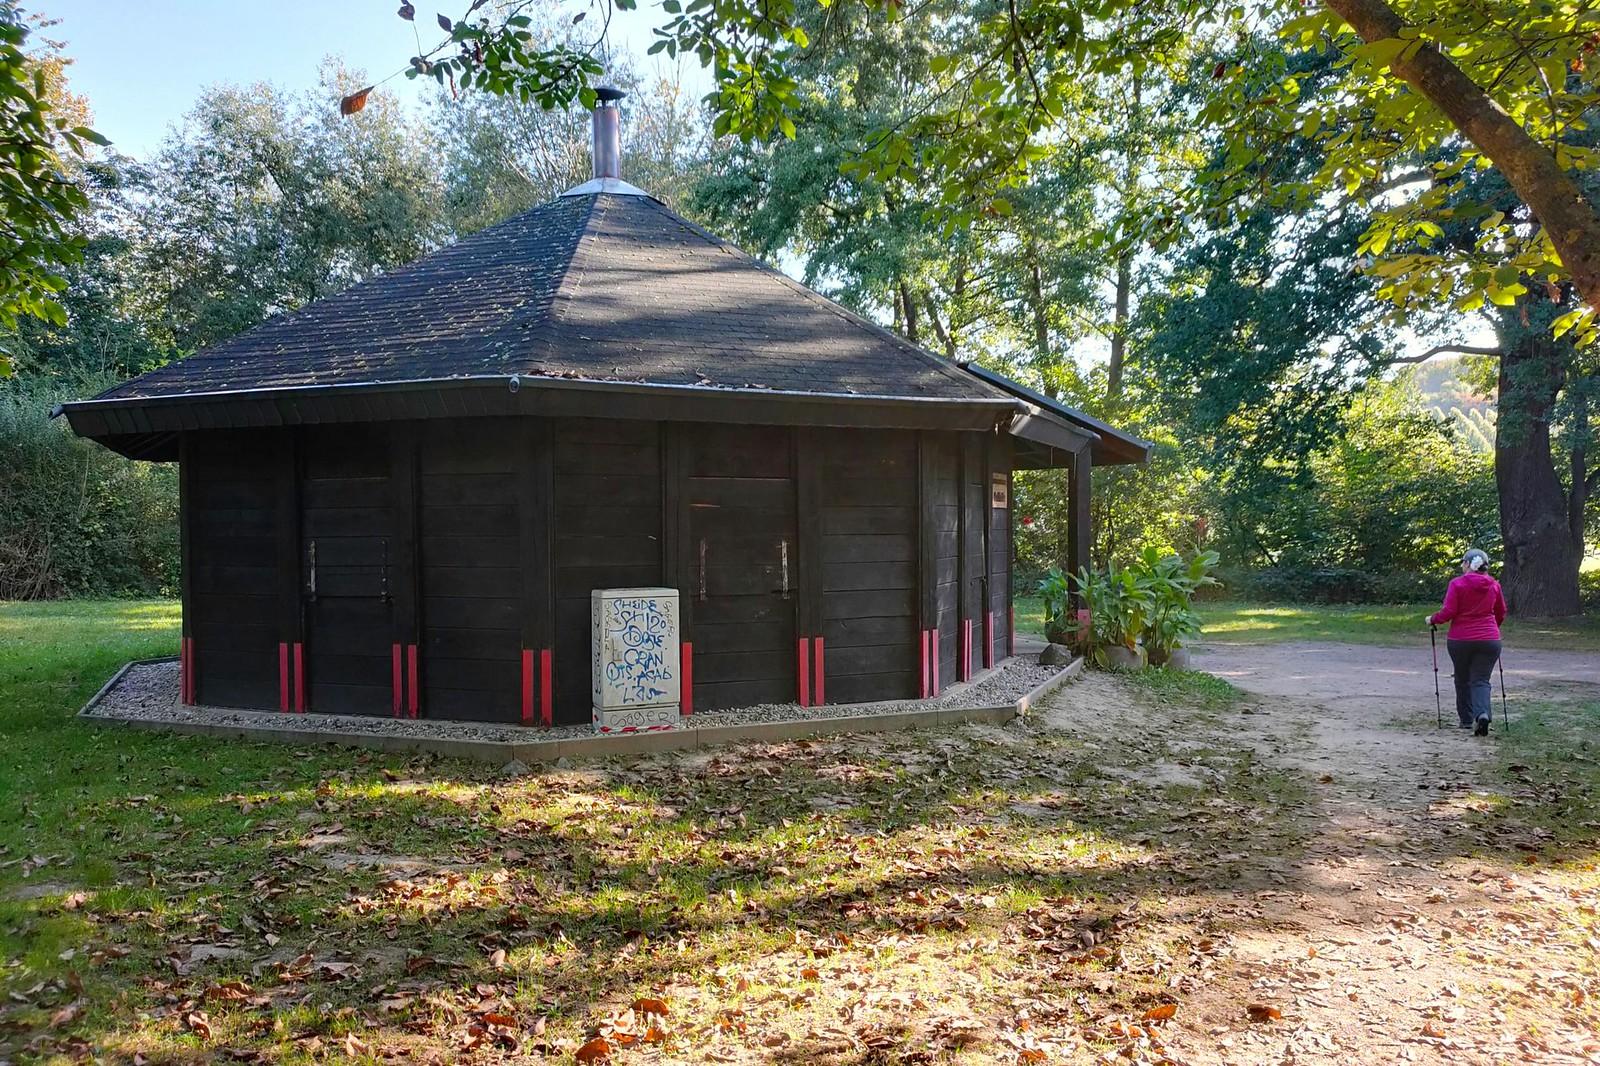 Grillhütte am Friedhof von Hattenheim